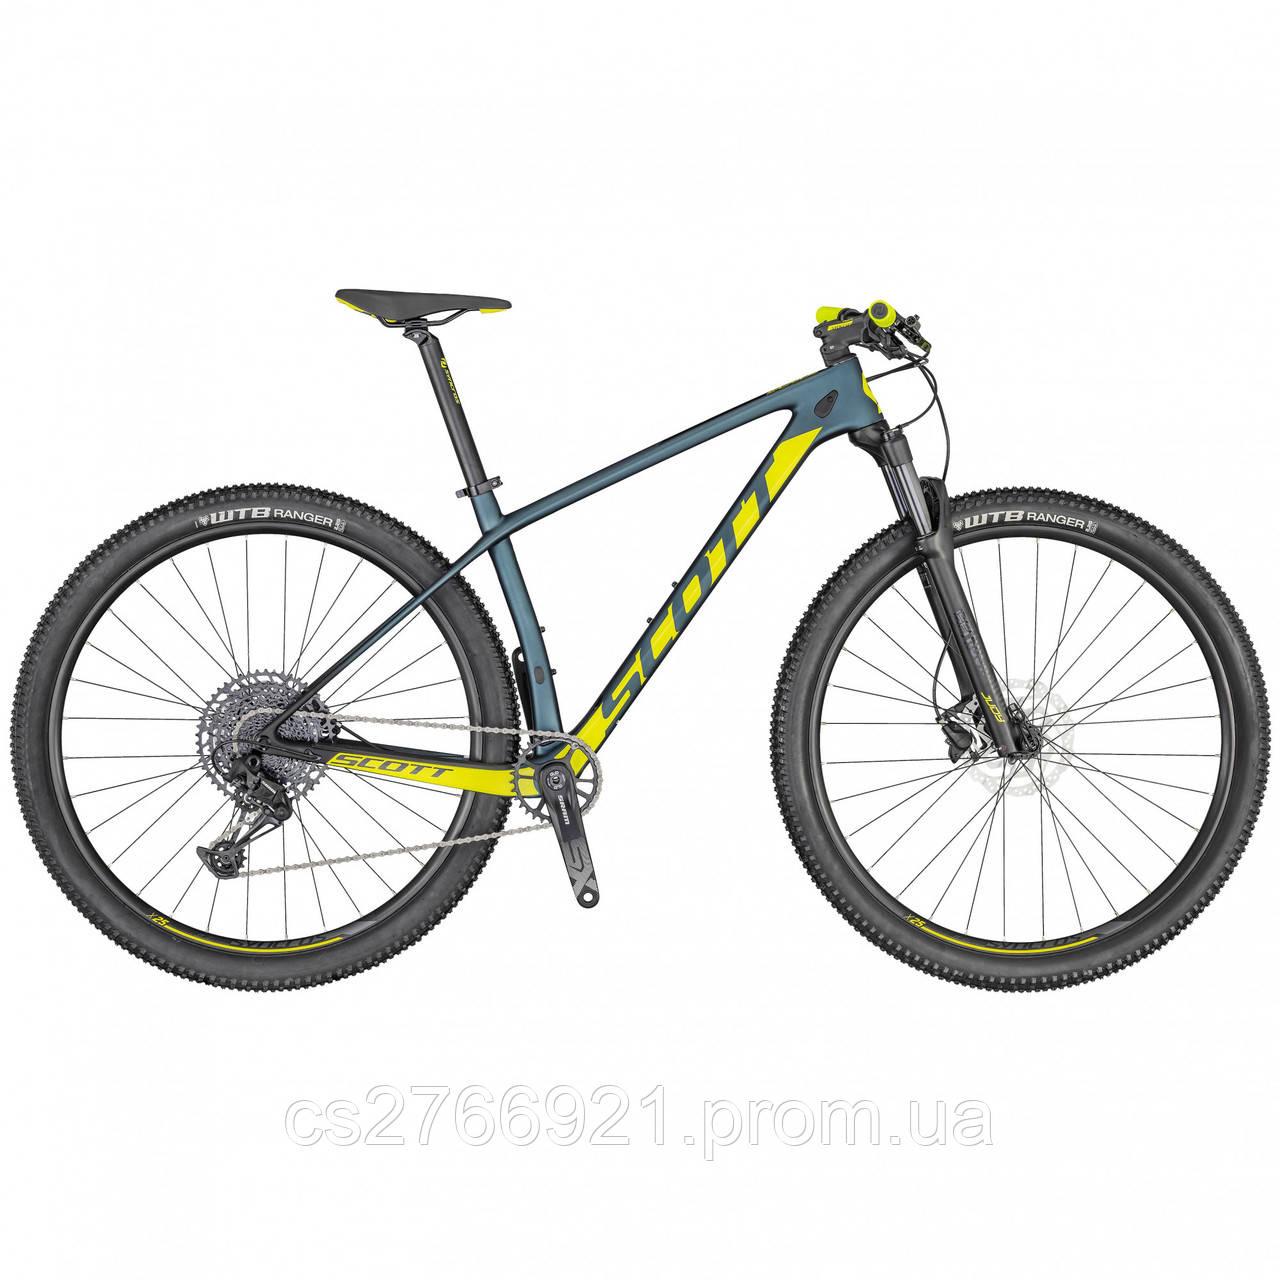 Велосипед SCALE 940 cobalt/жёлтый 20 SCOTT